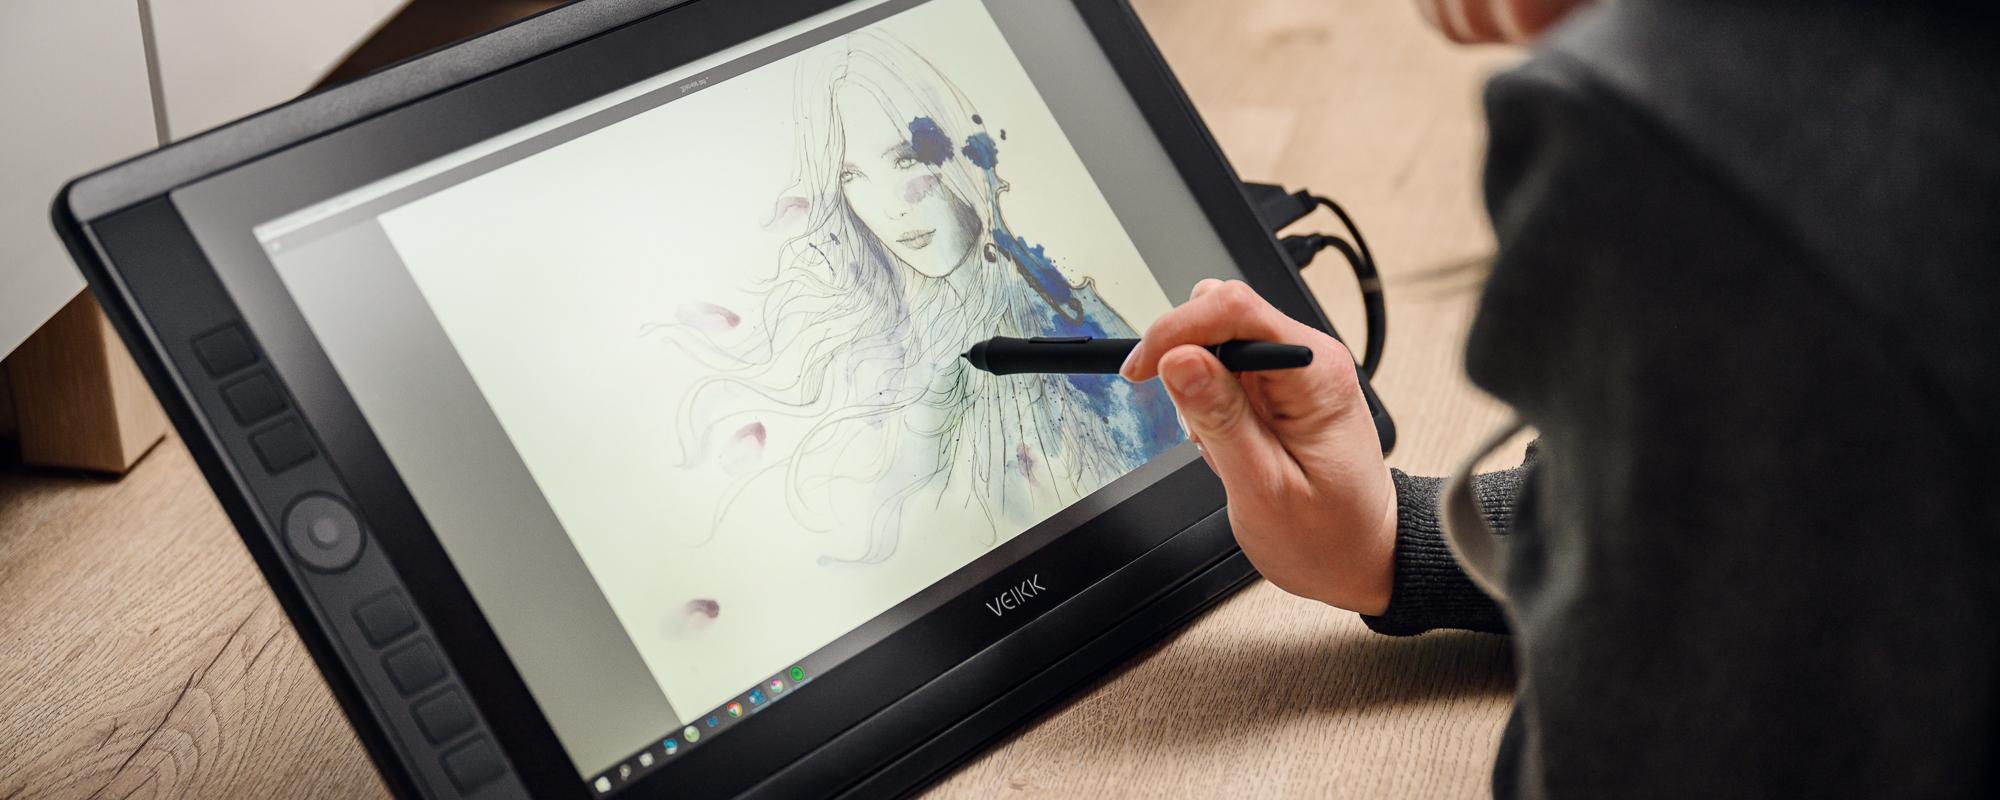 Zdjęcie - tablet graficzny z ekranem LCD Veikk VK1560 Pro obsługiwany przez młodą kobietę